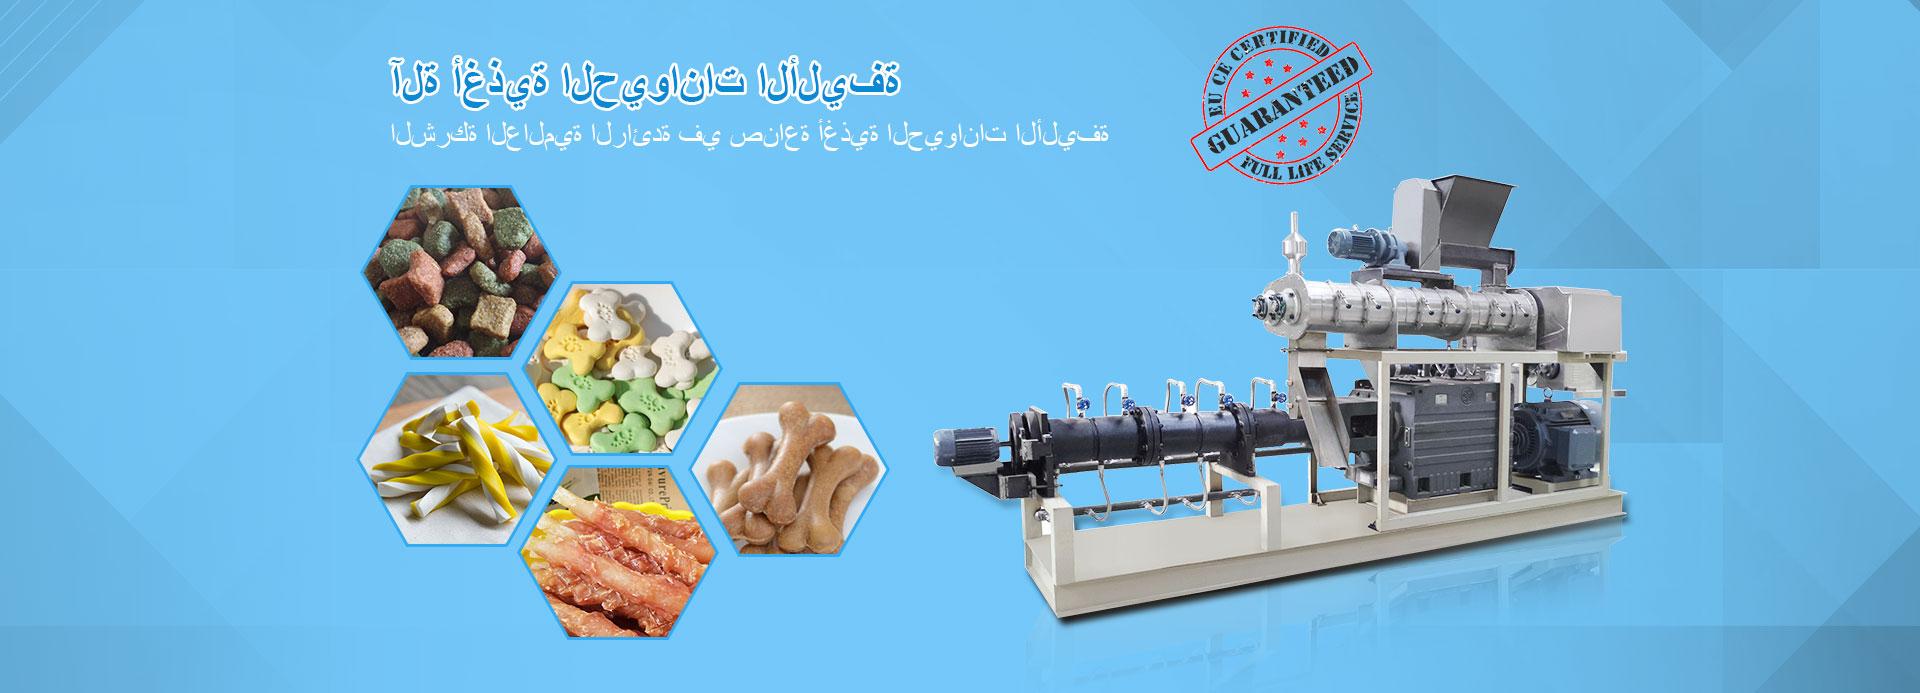 آلة أغذية الحيوانات الأليفة